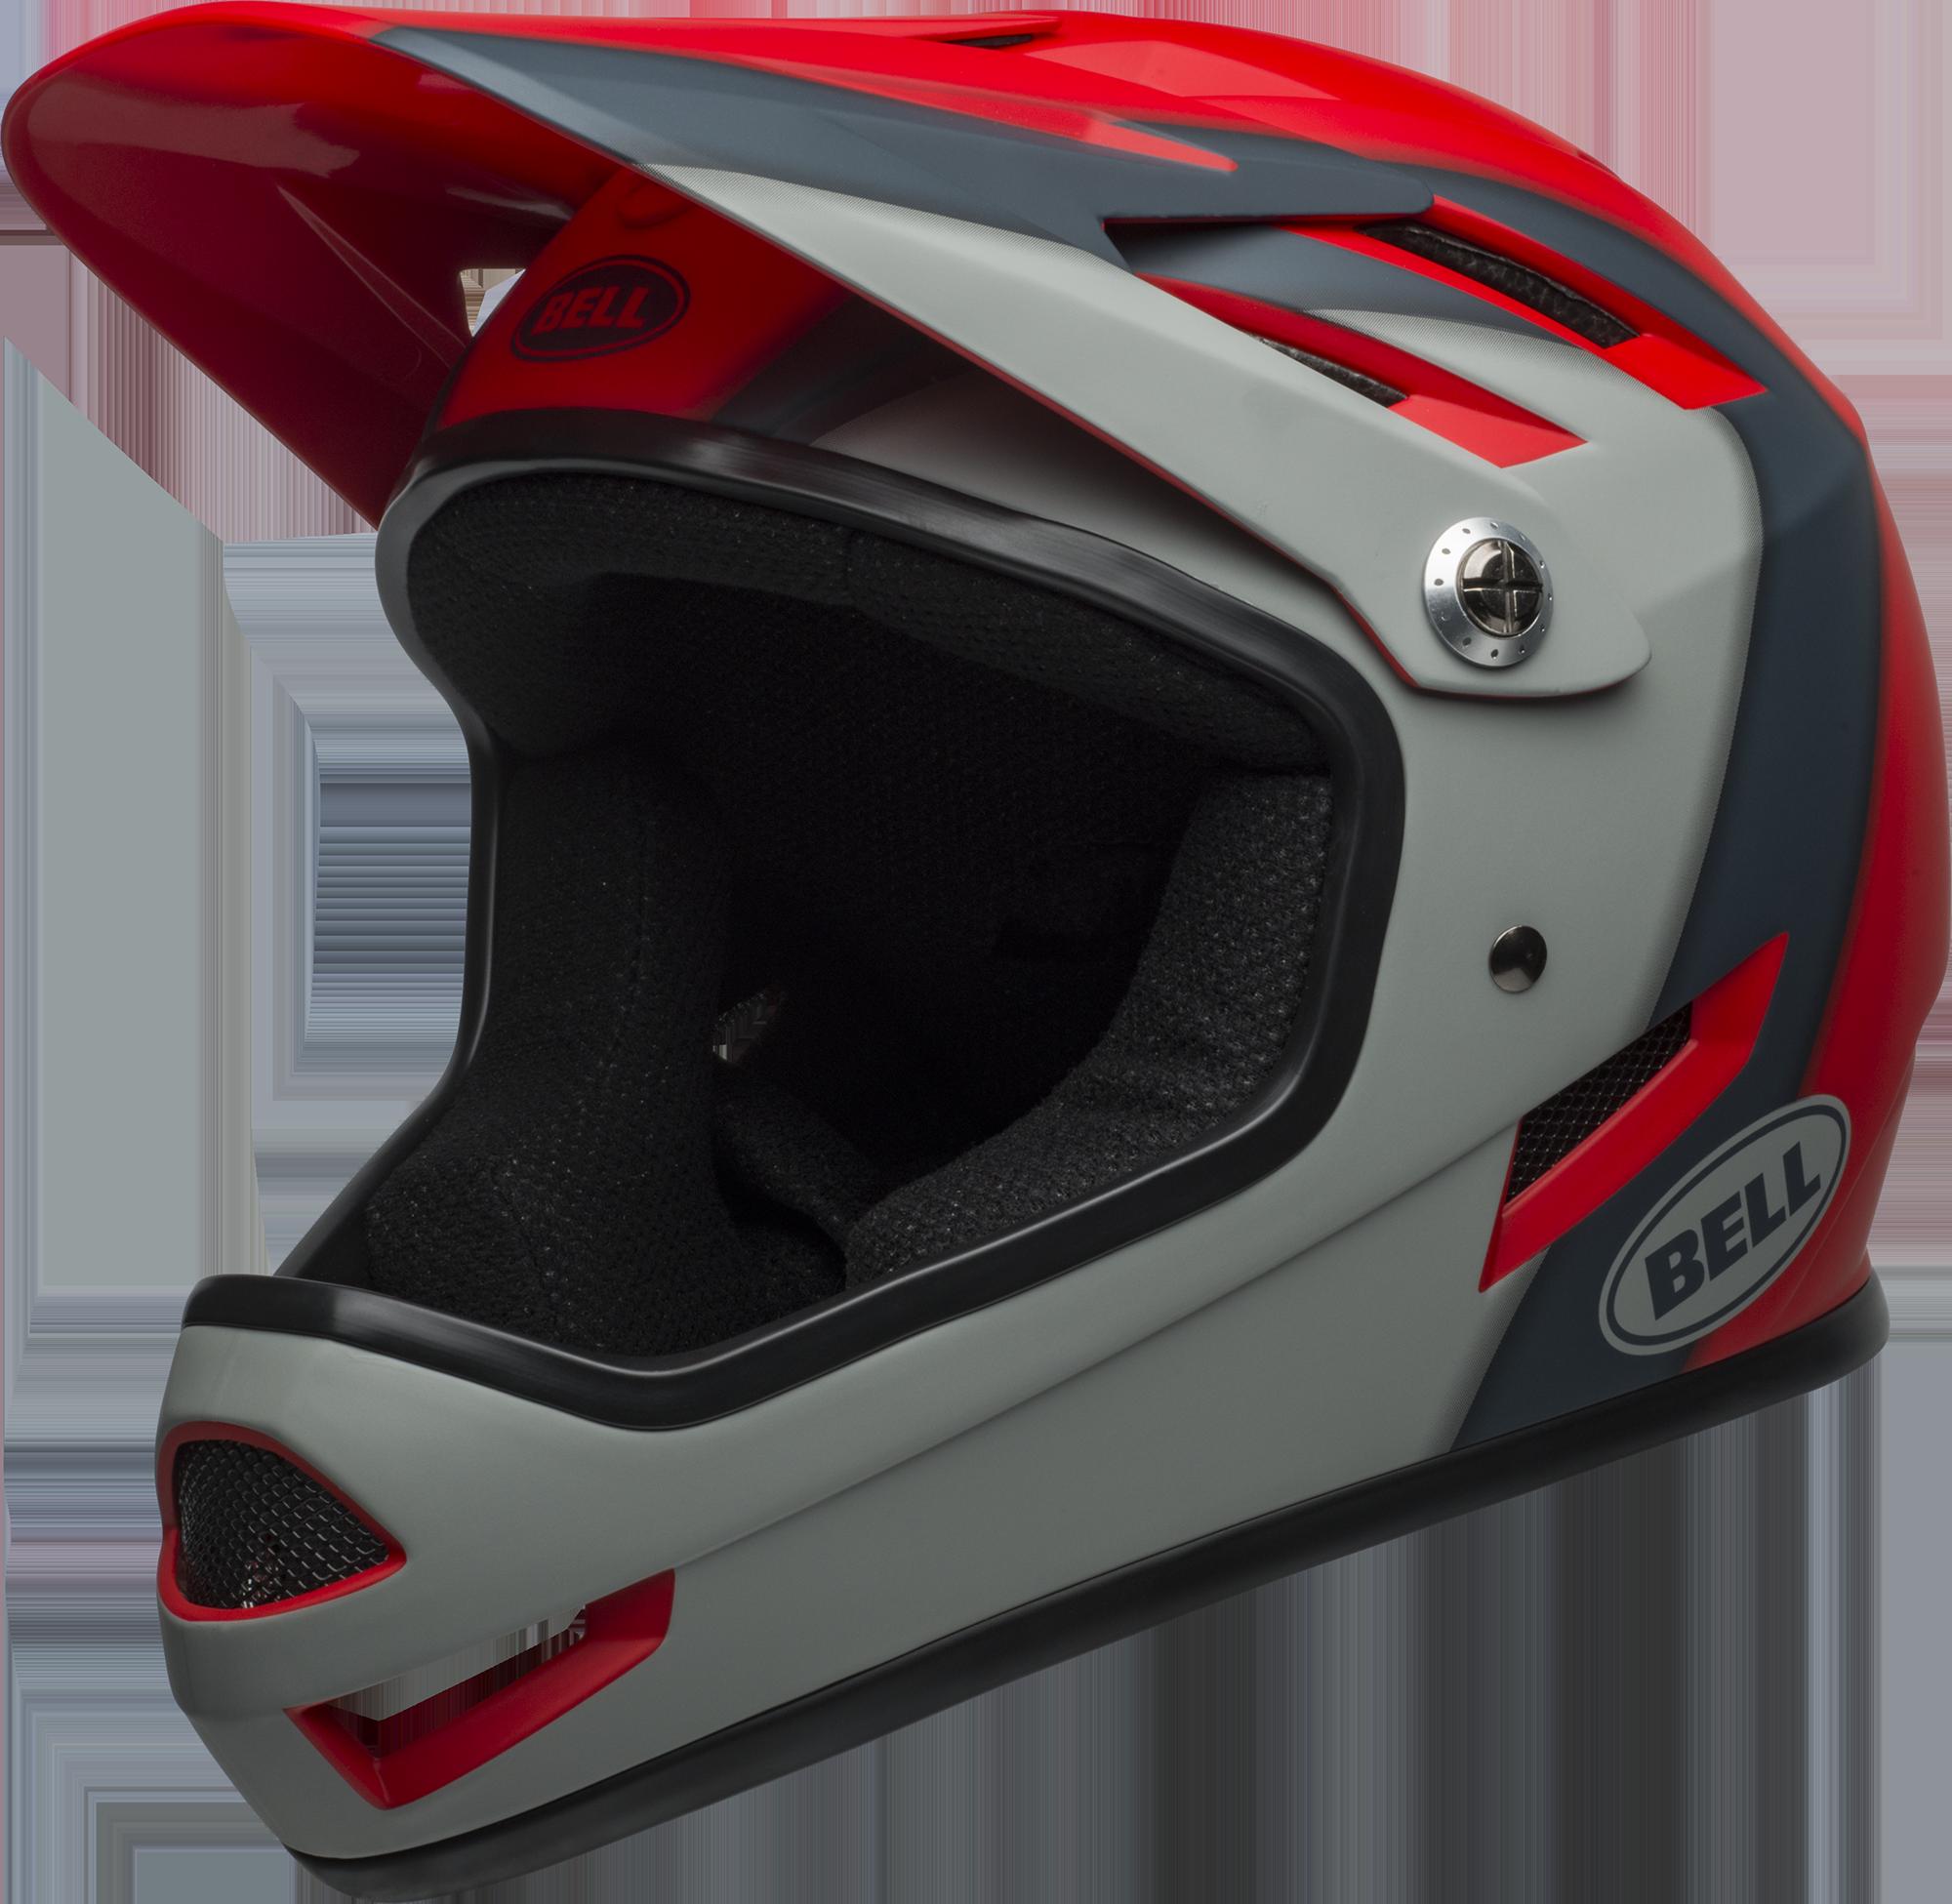 Bell Sanction Mountain Bike Full Face Helmet Mat Crsm/Slt/Dk Gry, Medium